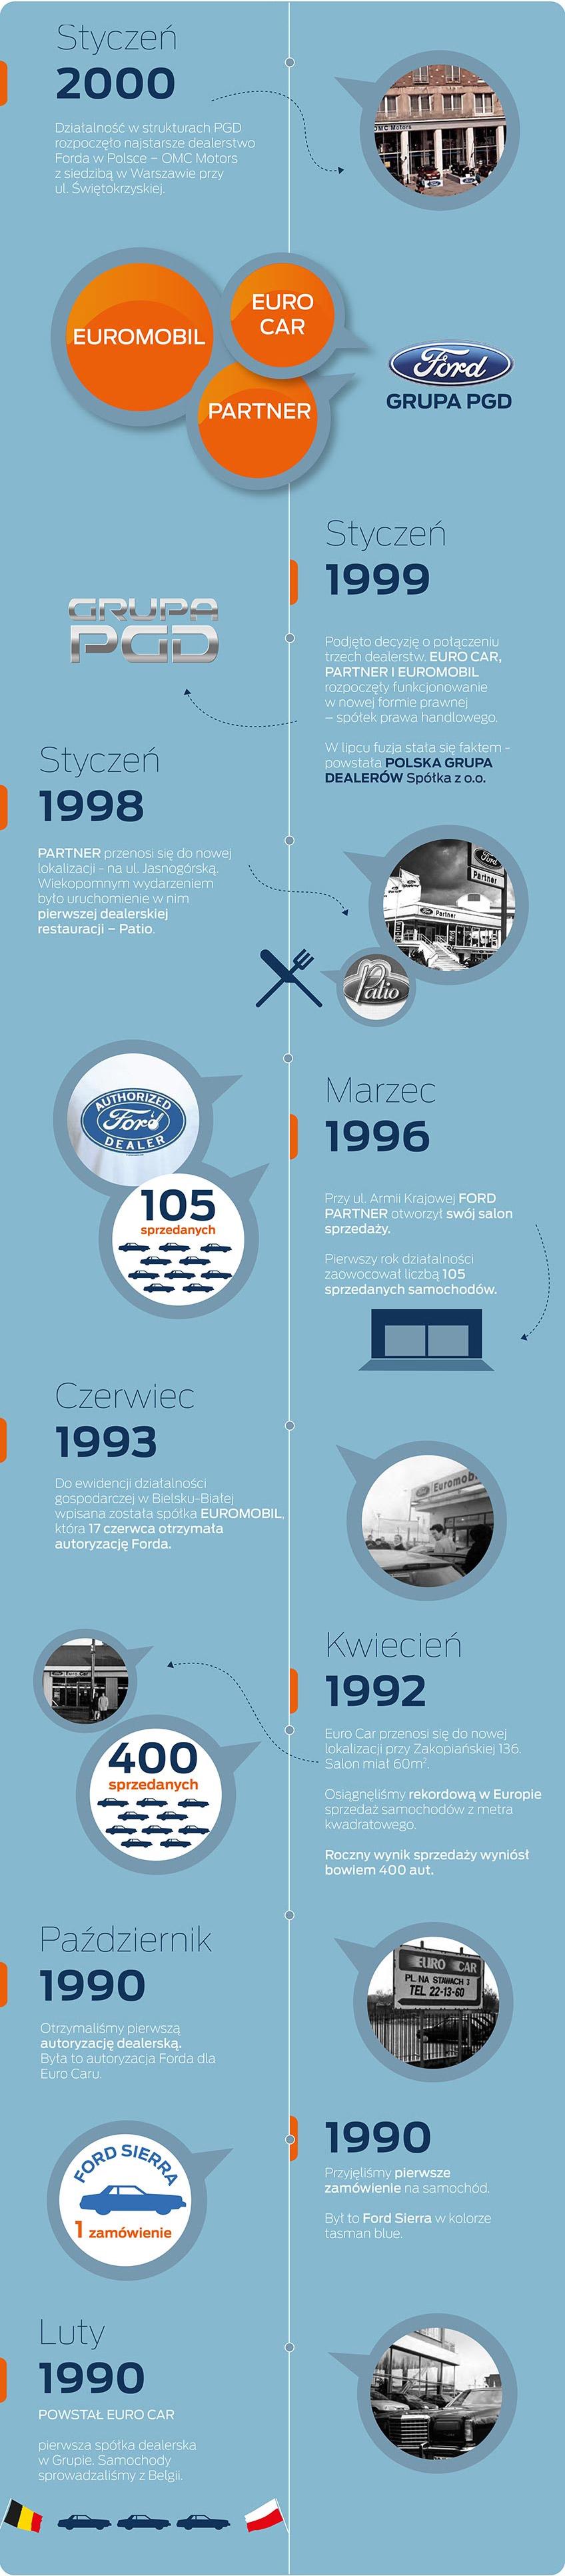 Działalność w strukturach PGD rozpoczęło najstarsze dealerstwo Forda w Polsce − OMC Motors. PARTNER przenosi się do nowej lokalizacji - na ul. Jasnogórską. Podjęto decyzję o połączeniu trzech dealerstw. EURO CAR, PARTNER I EUROMOBIL.Osiągnęliśmy rekordową w Europie sprzedaż samochodów z metra kwadratowego. Otrzymaliśmy pierwszą autoryzację dealerską. Przyjęliśmy pierwsze zamówienie na samochód. POWSTAŁ EURO CAR.